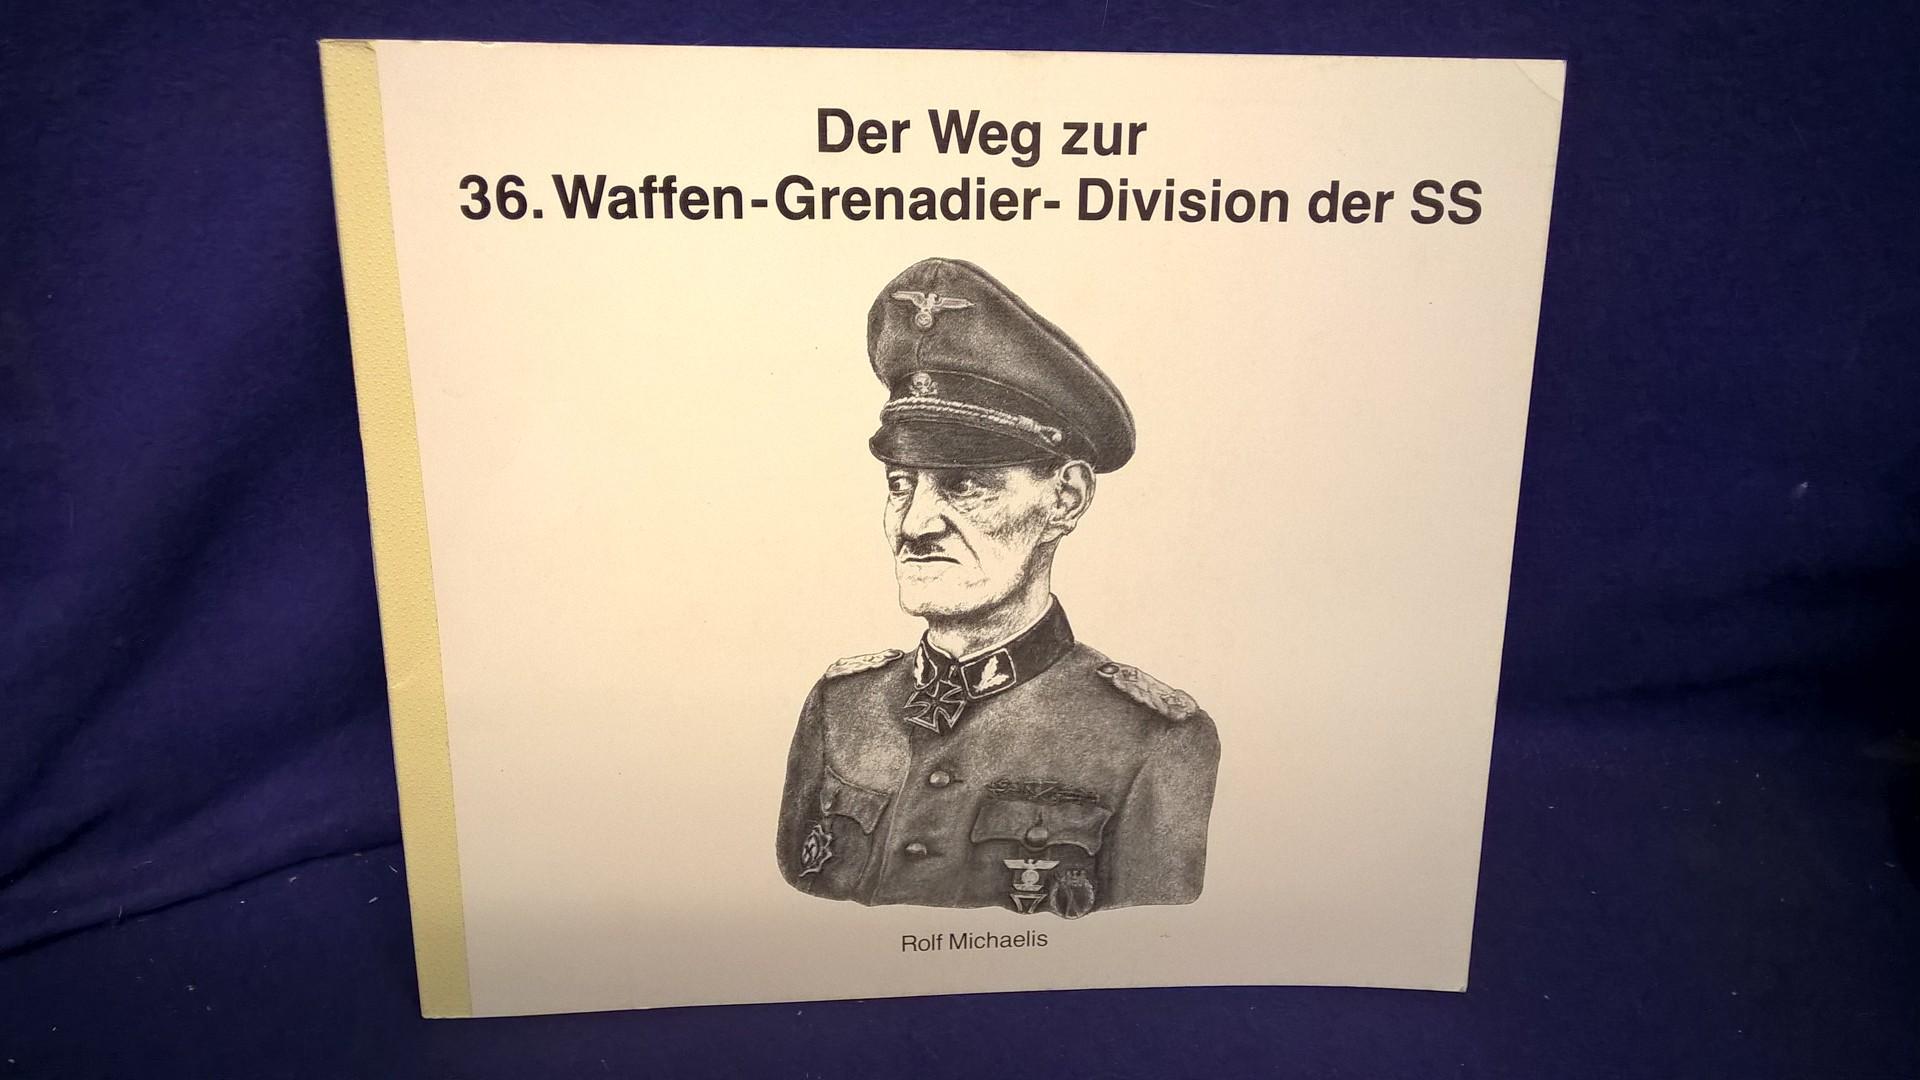 Der Weg zur 36. Waffen-Grenadier-Division der SS.